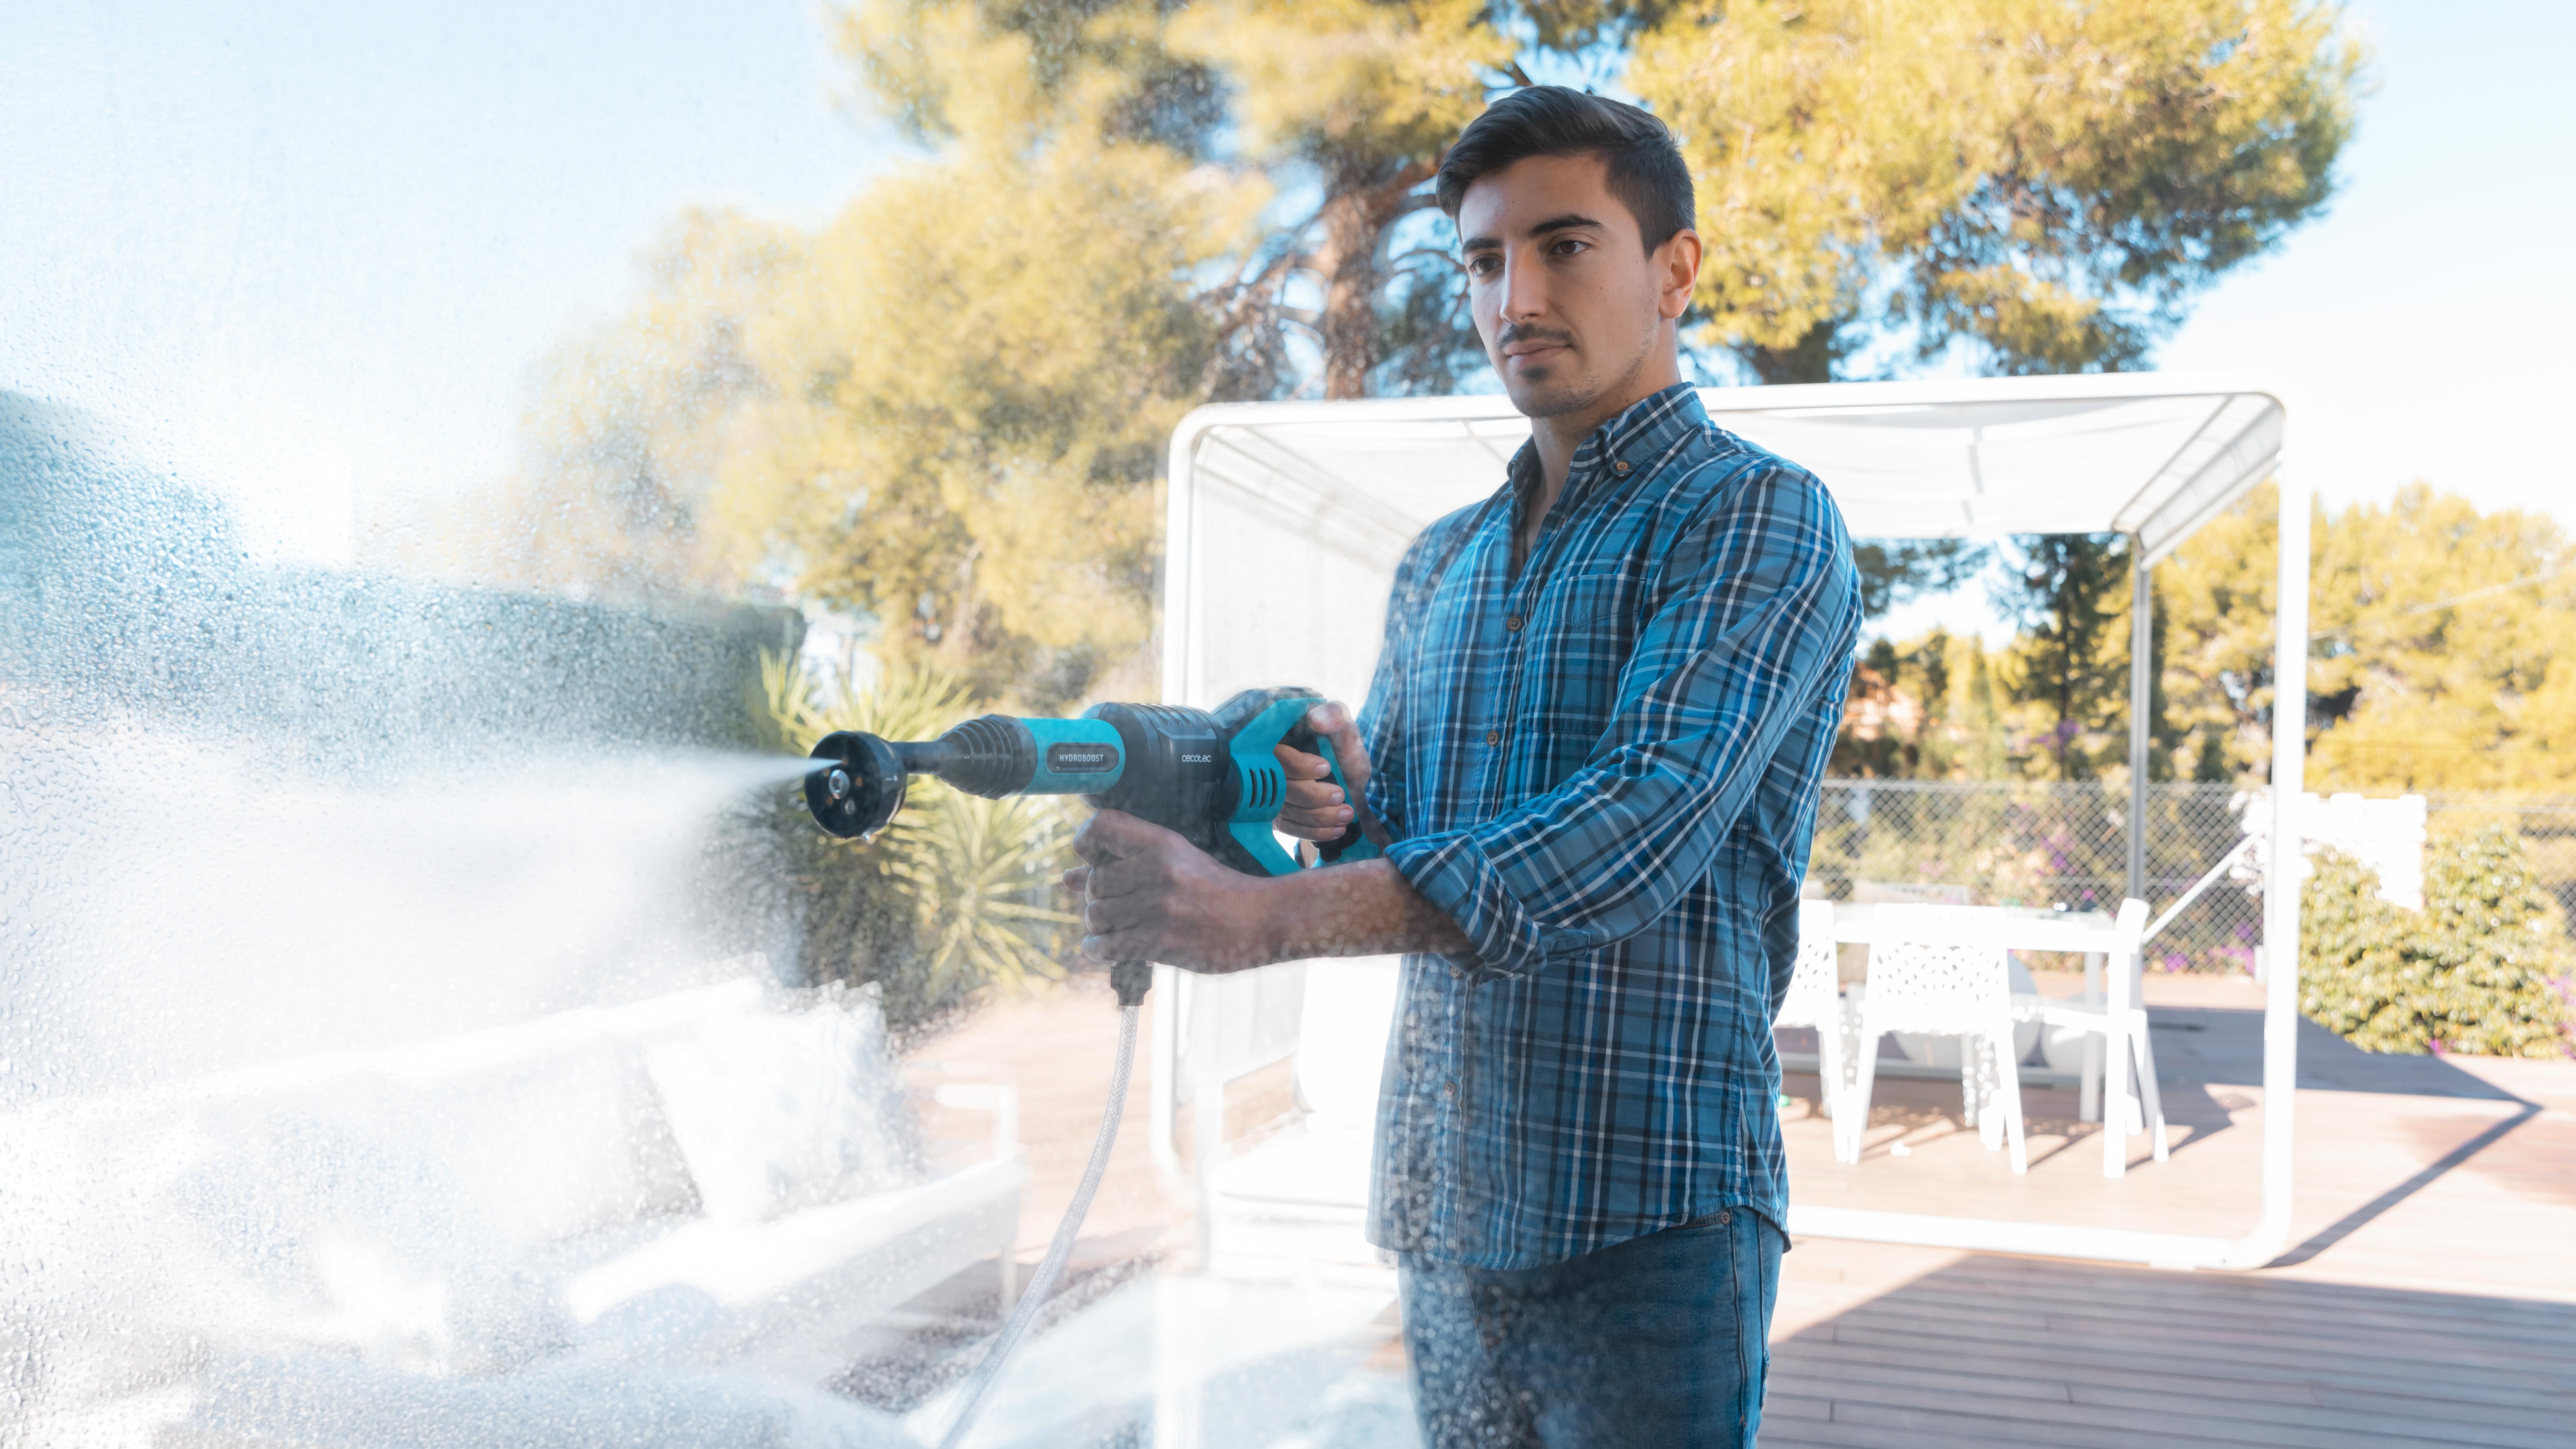 Cecotec amplía su gama de hidrolimpiadoras con modelos sin cables